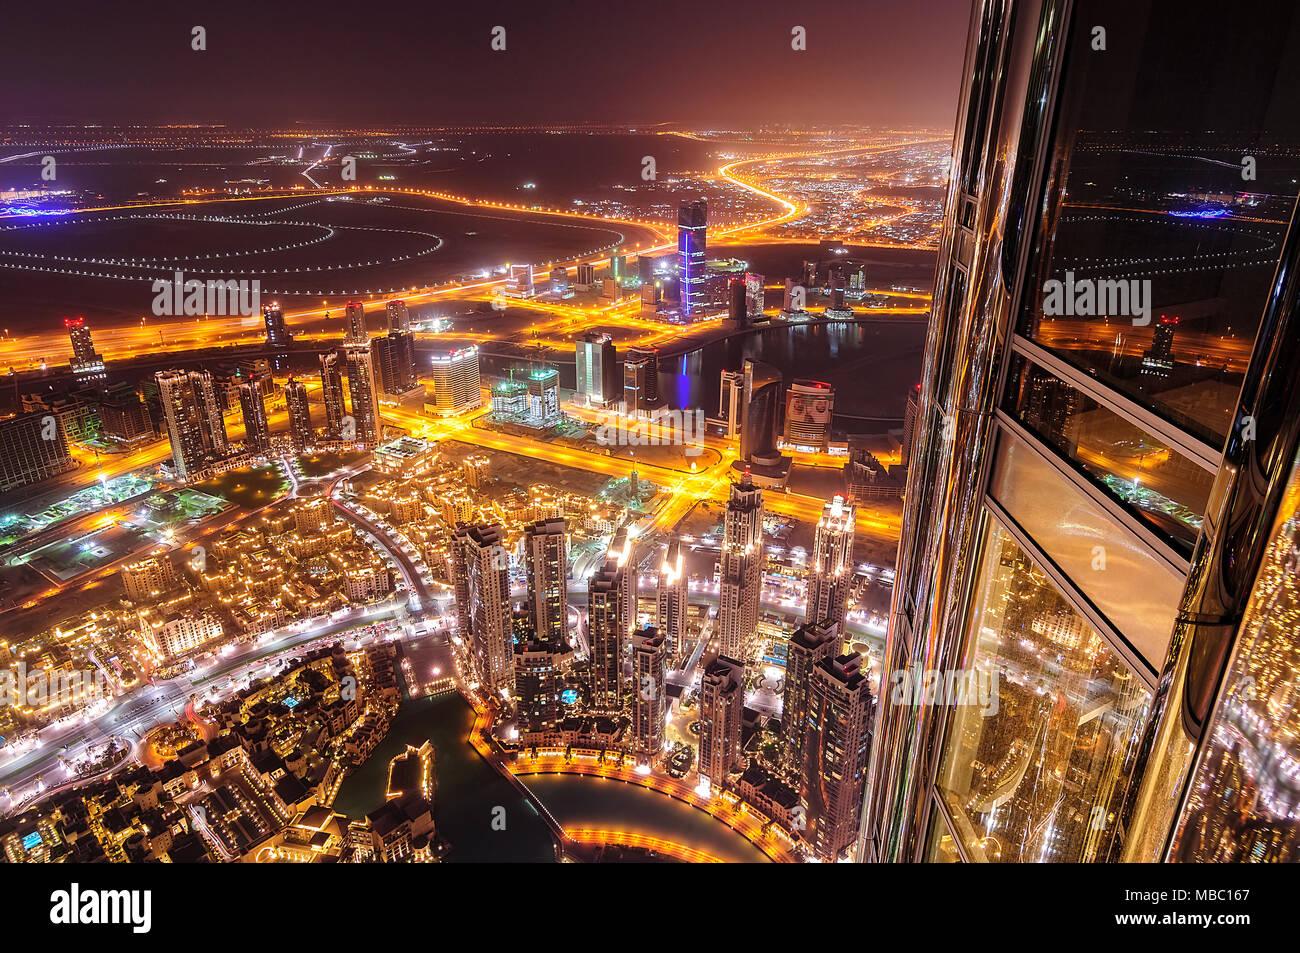 DUBAI, Emirati Arabi Uniti - Apr 14, 2013: Dubai downtown vista aerea di notte dal grattacielo più alto del mondo Burj Khalifa, Dubai, Emirati Arabi Uniti Immagini Stock